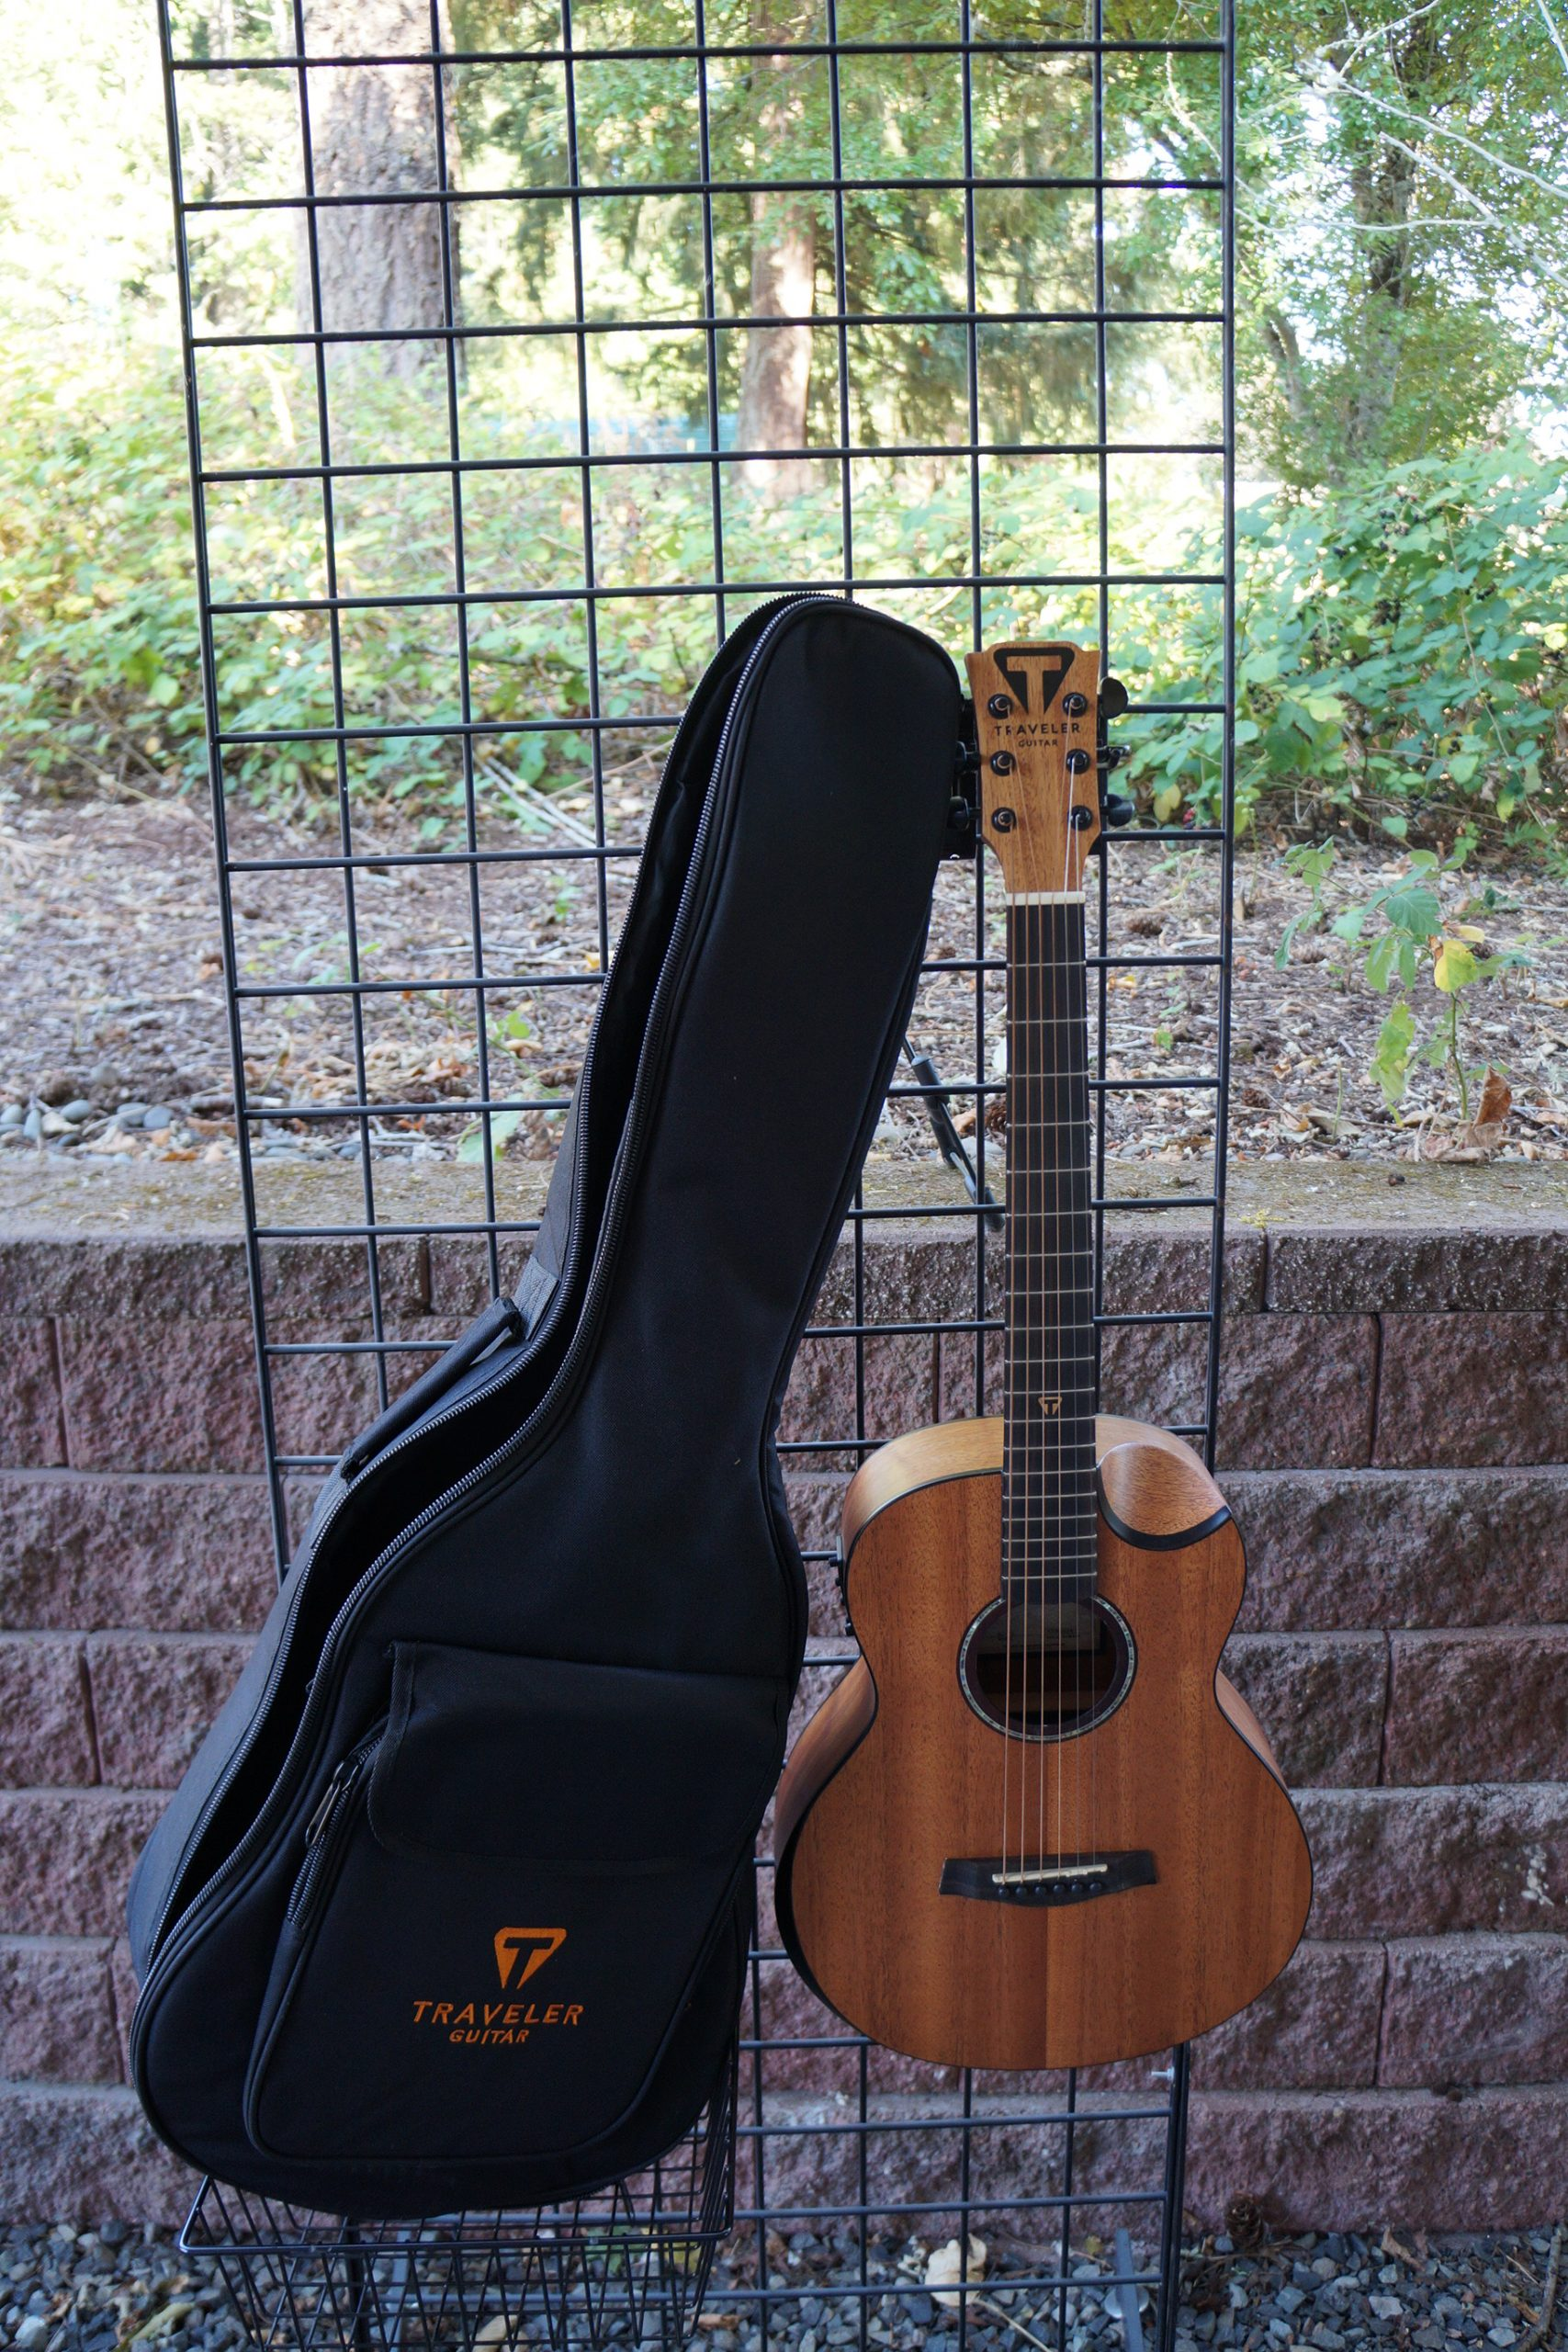 Traveler Redlands Concert A/E Guitar: Mahogany with Gigbag